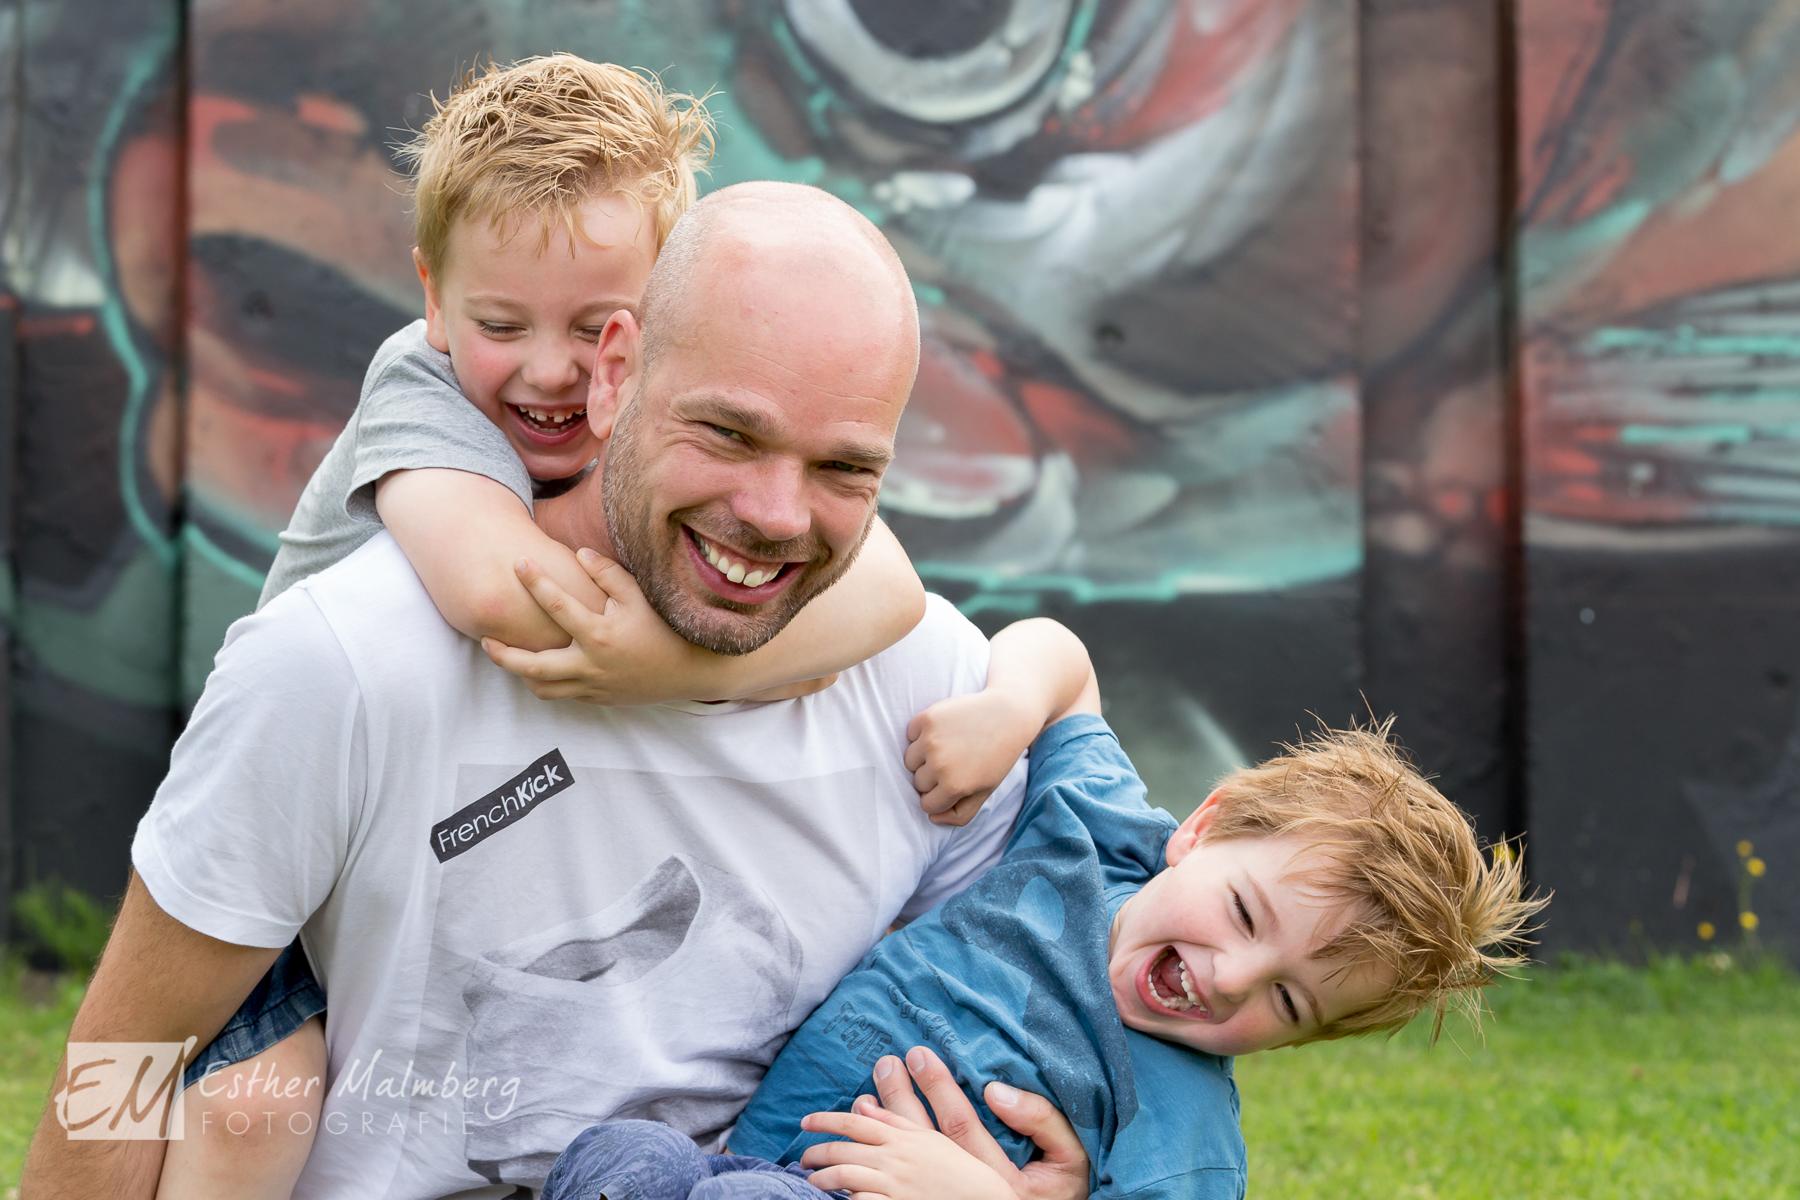 Puur en ongedwongen fotoreportage kinderfotografie Gouda